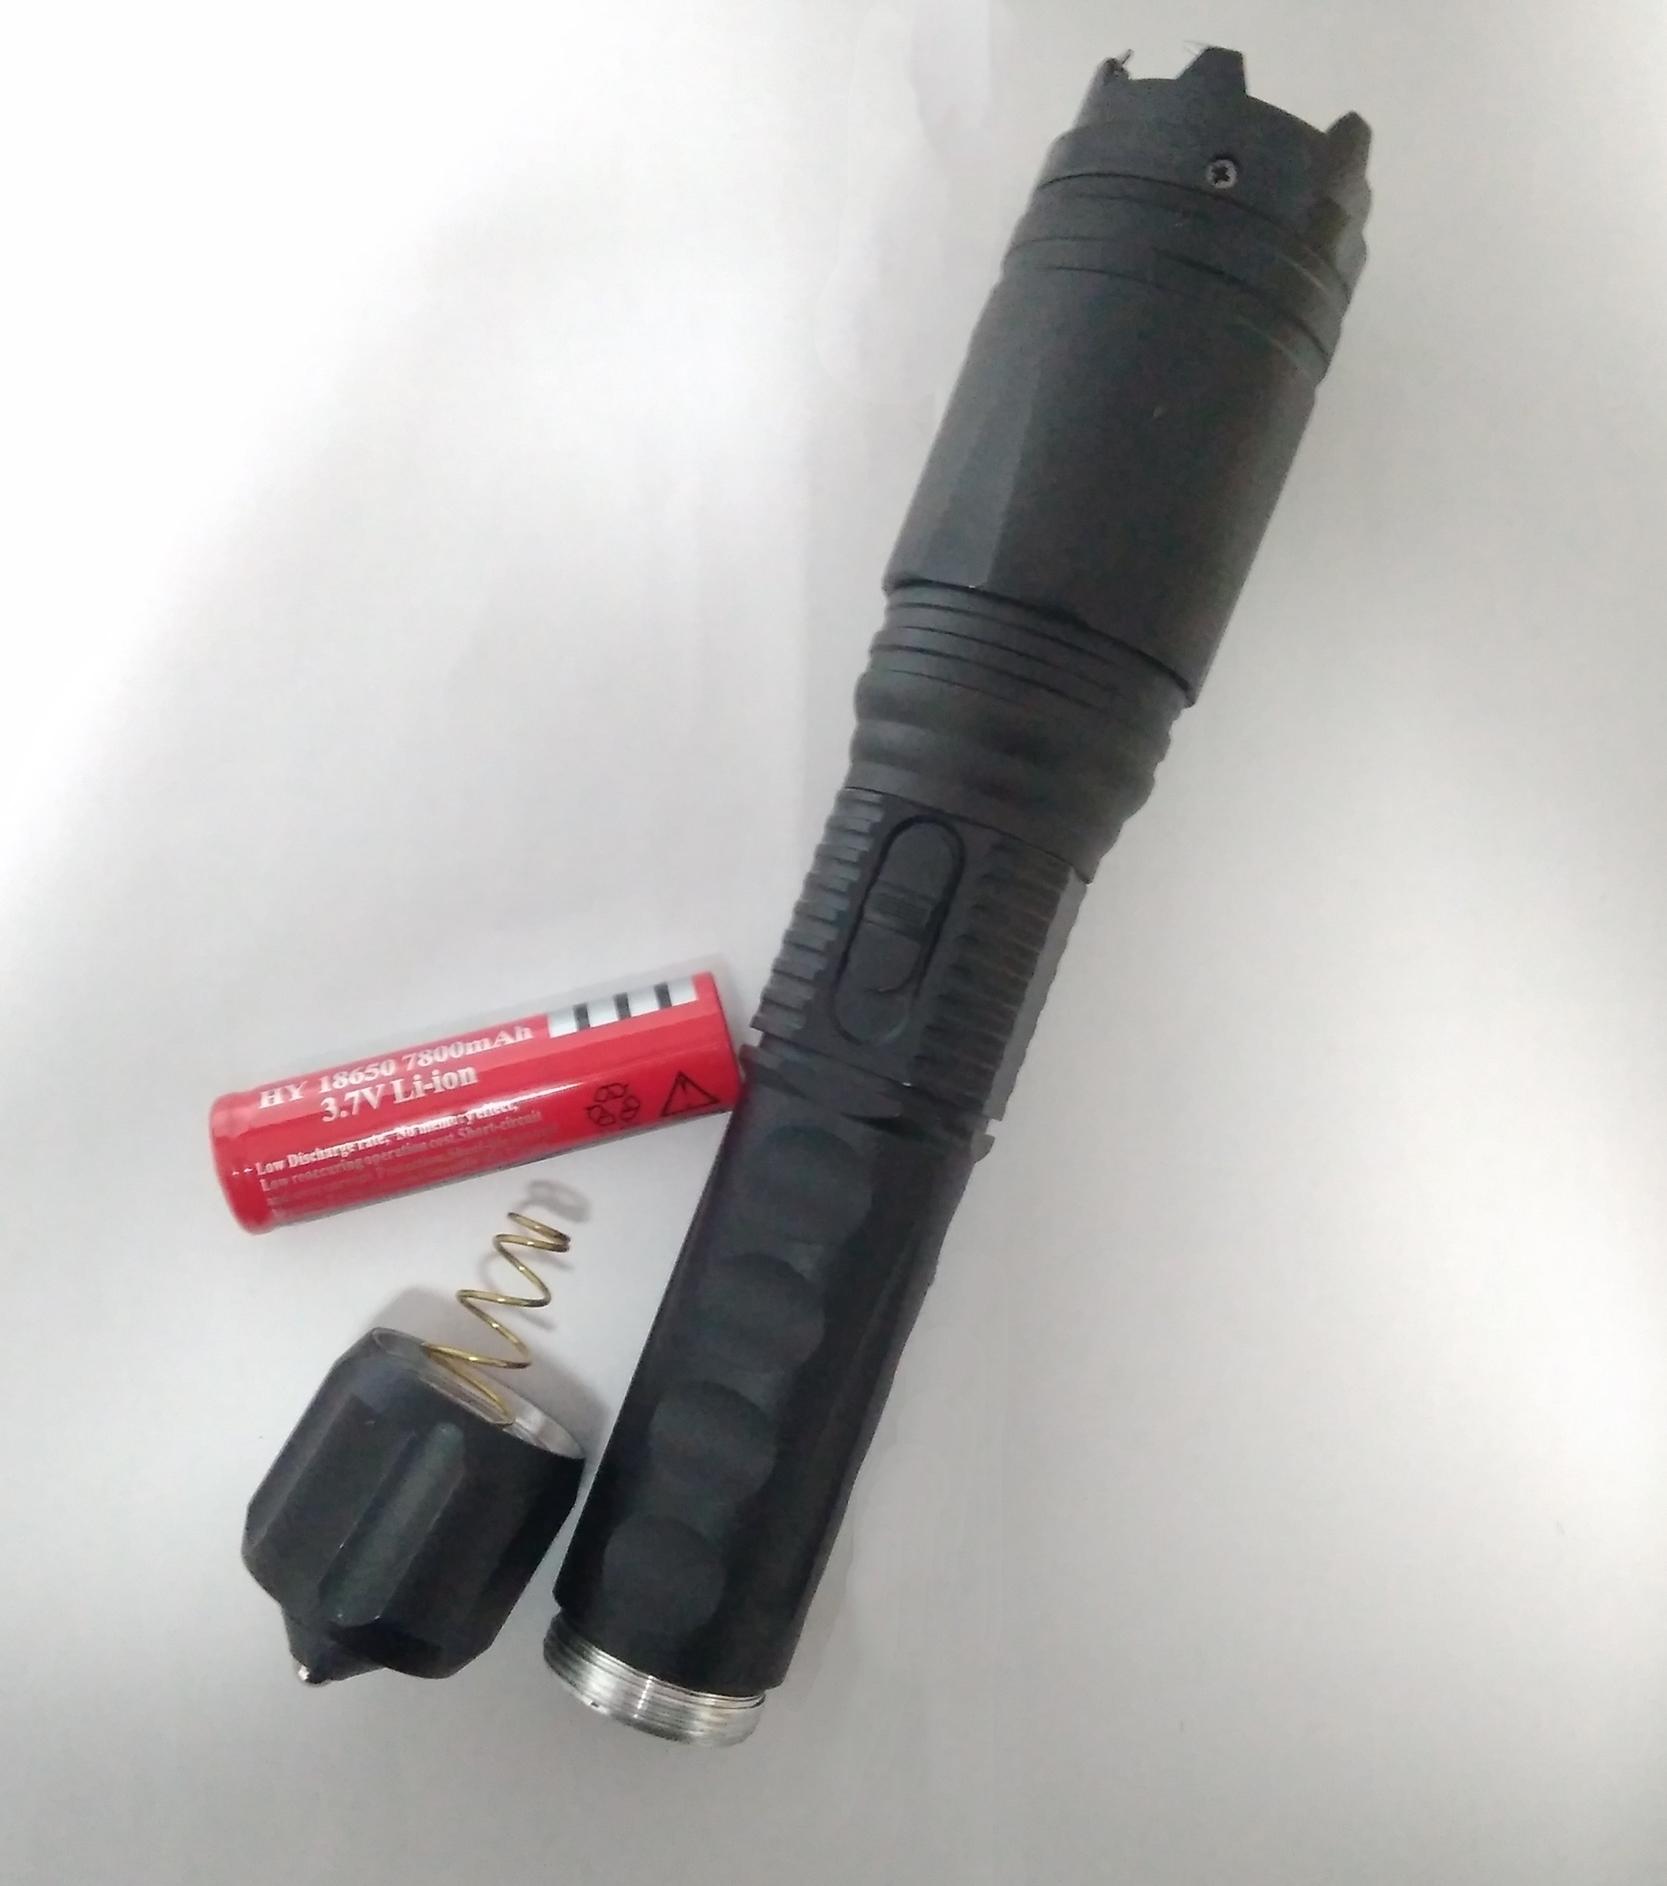 购买一款高压电棍需要多少钱?